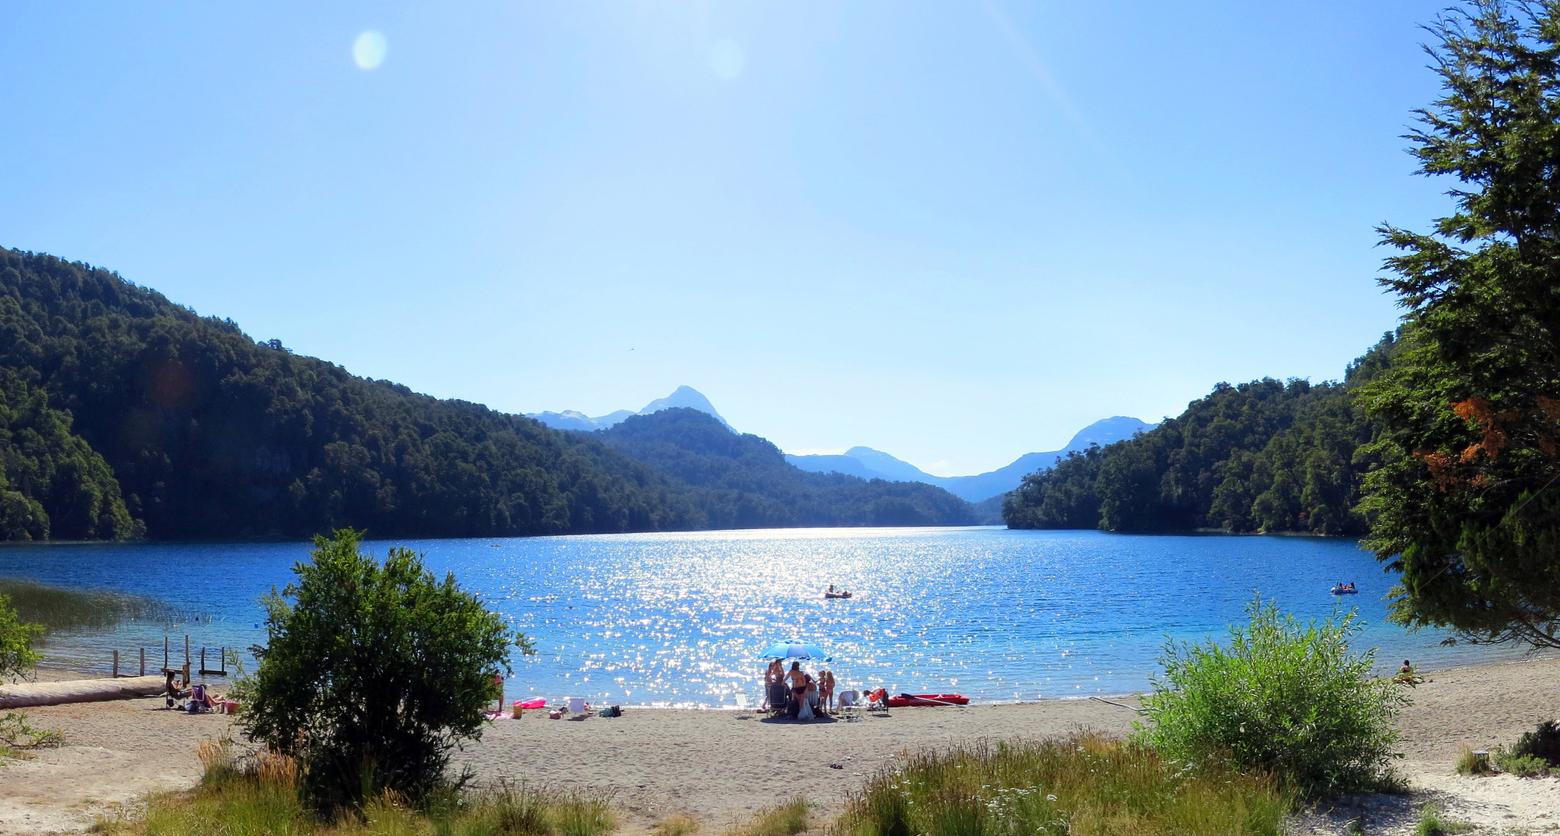 Lago Espejo Chico - Ruta de los Siete Lagos - Argentina - Flickr - maxdf